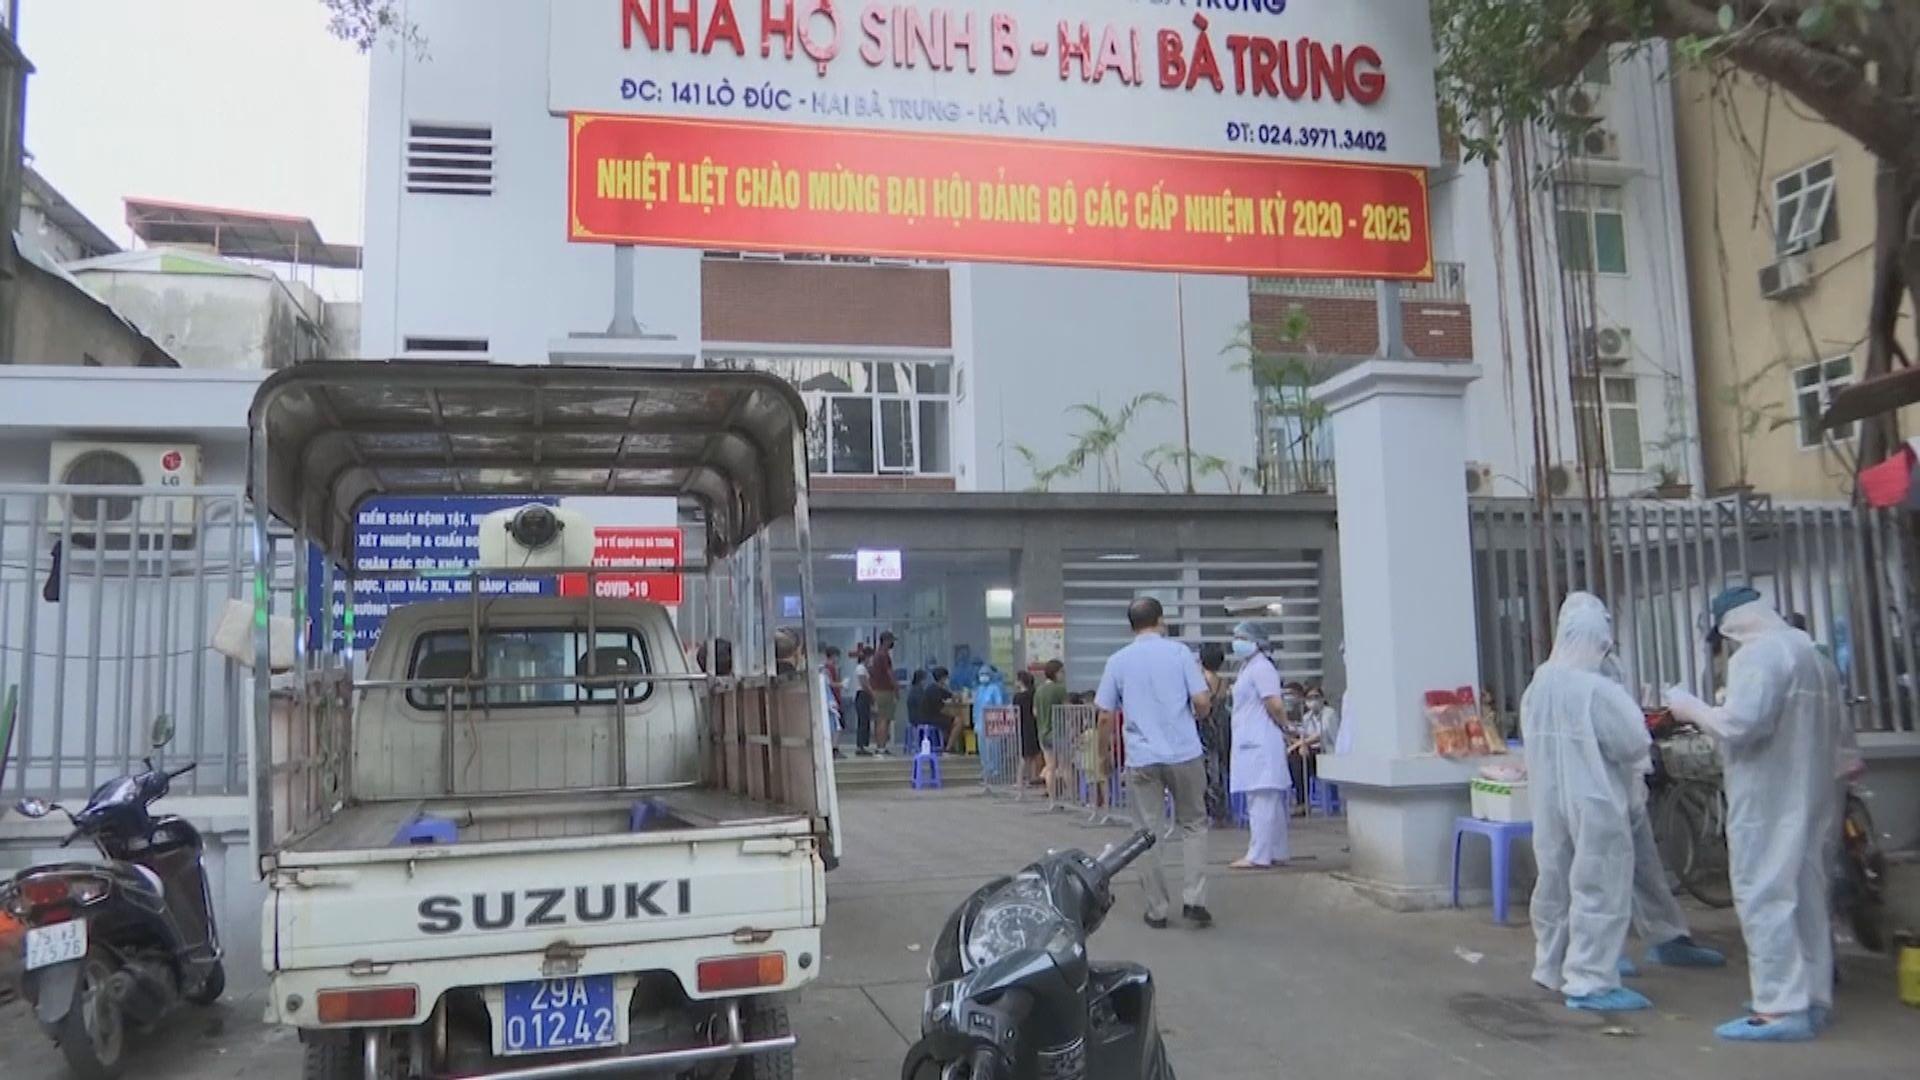 越南發現印度和英國新冠變種混合病毒